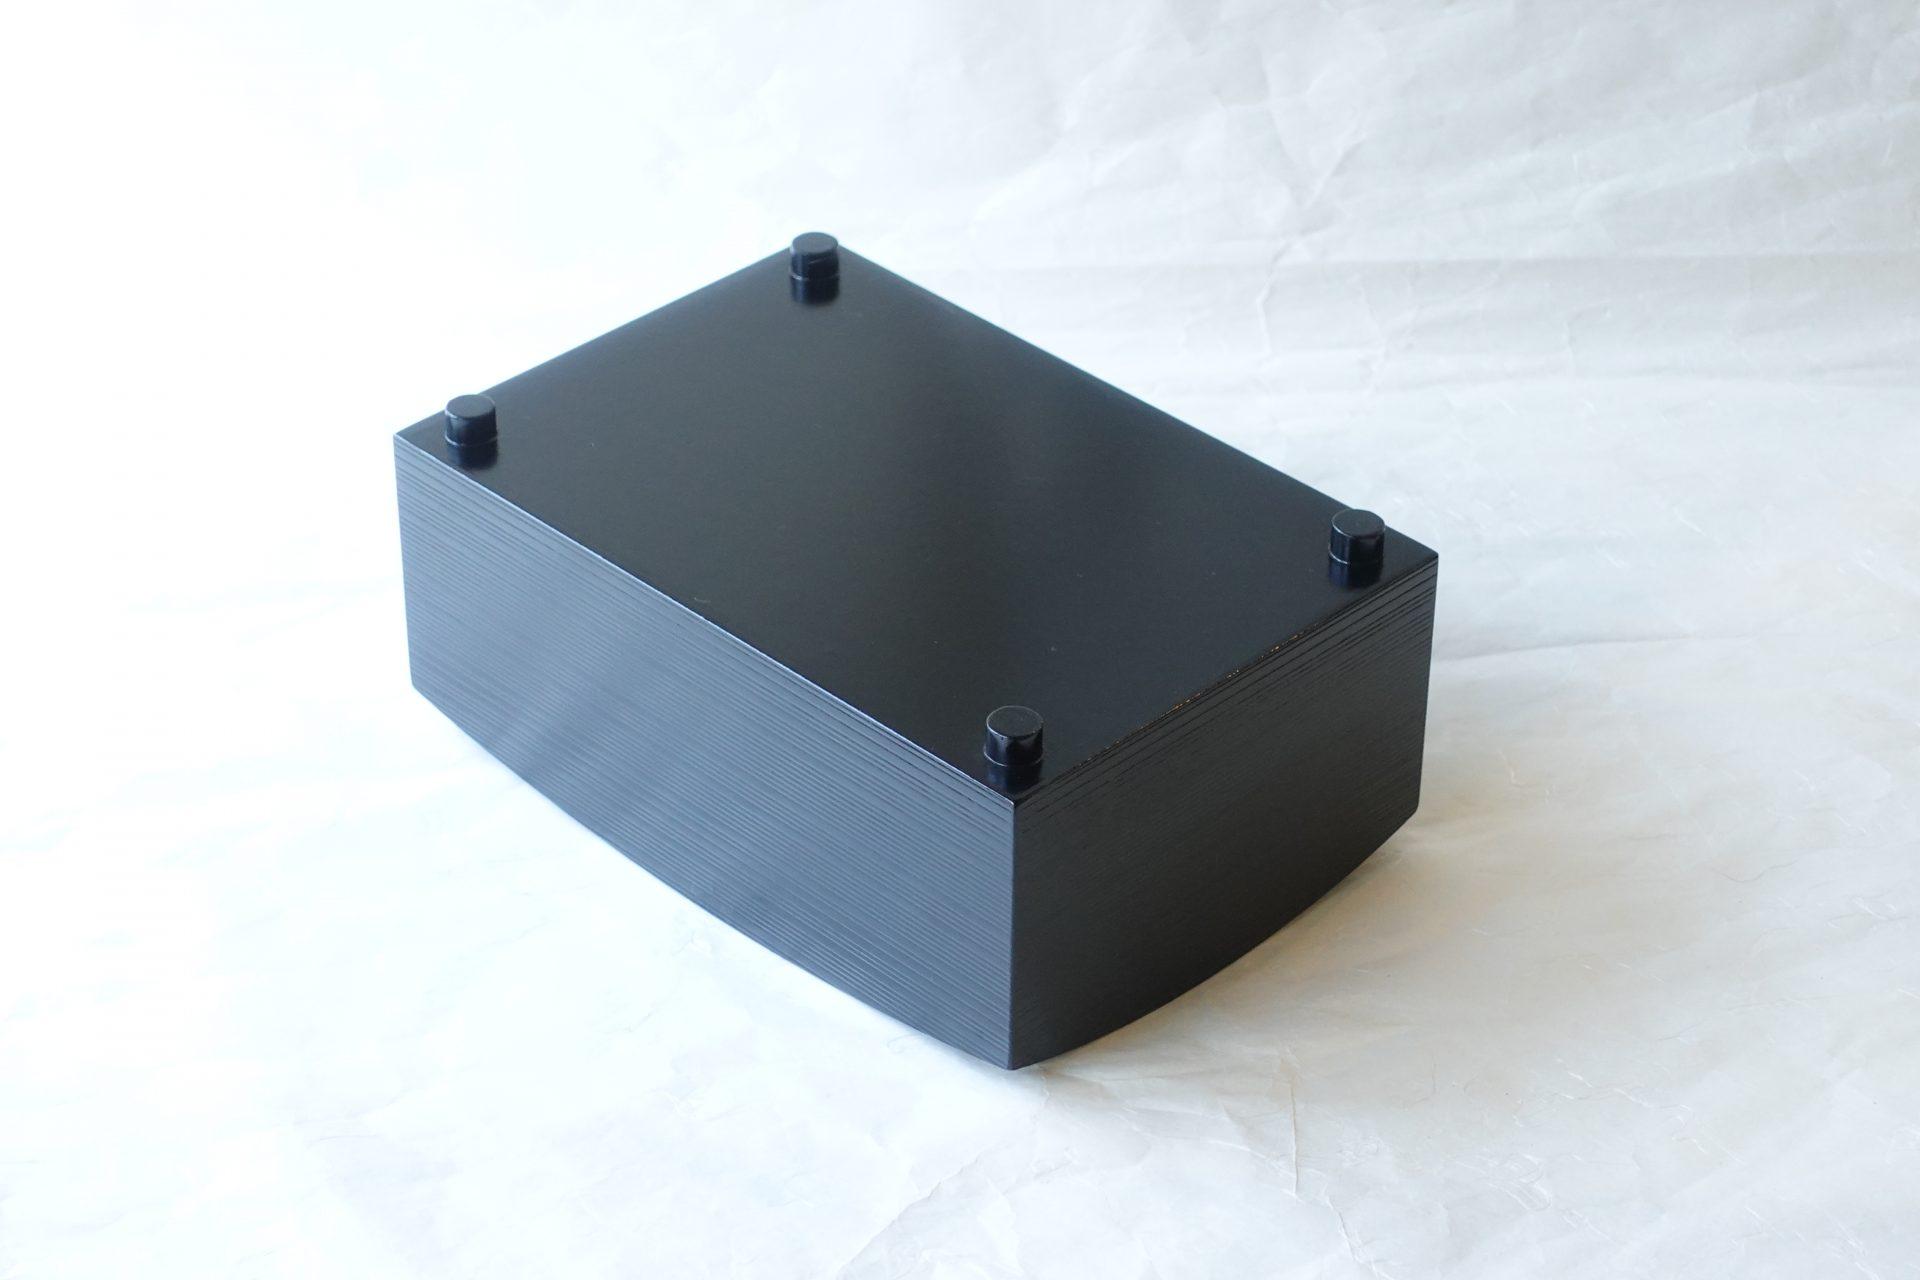 茶道 茶道具 茶の湯 莨盆 越前塗 木製 茶席 正客 櫛型 くしがた 横方向 筋 脚4つ 小物入れ